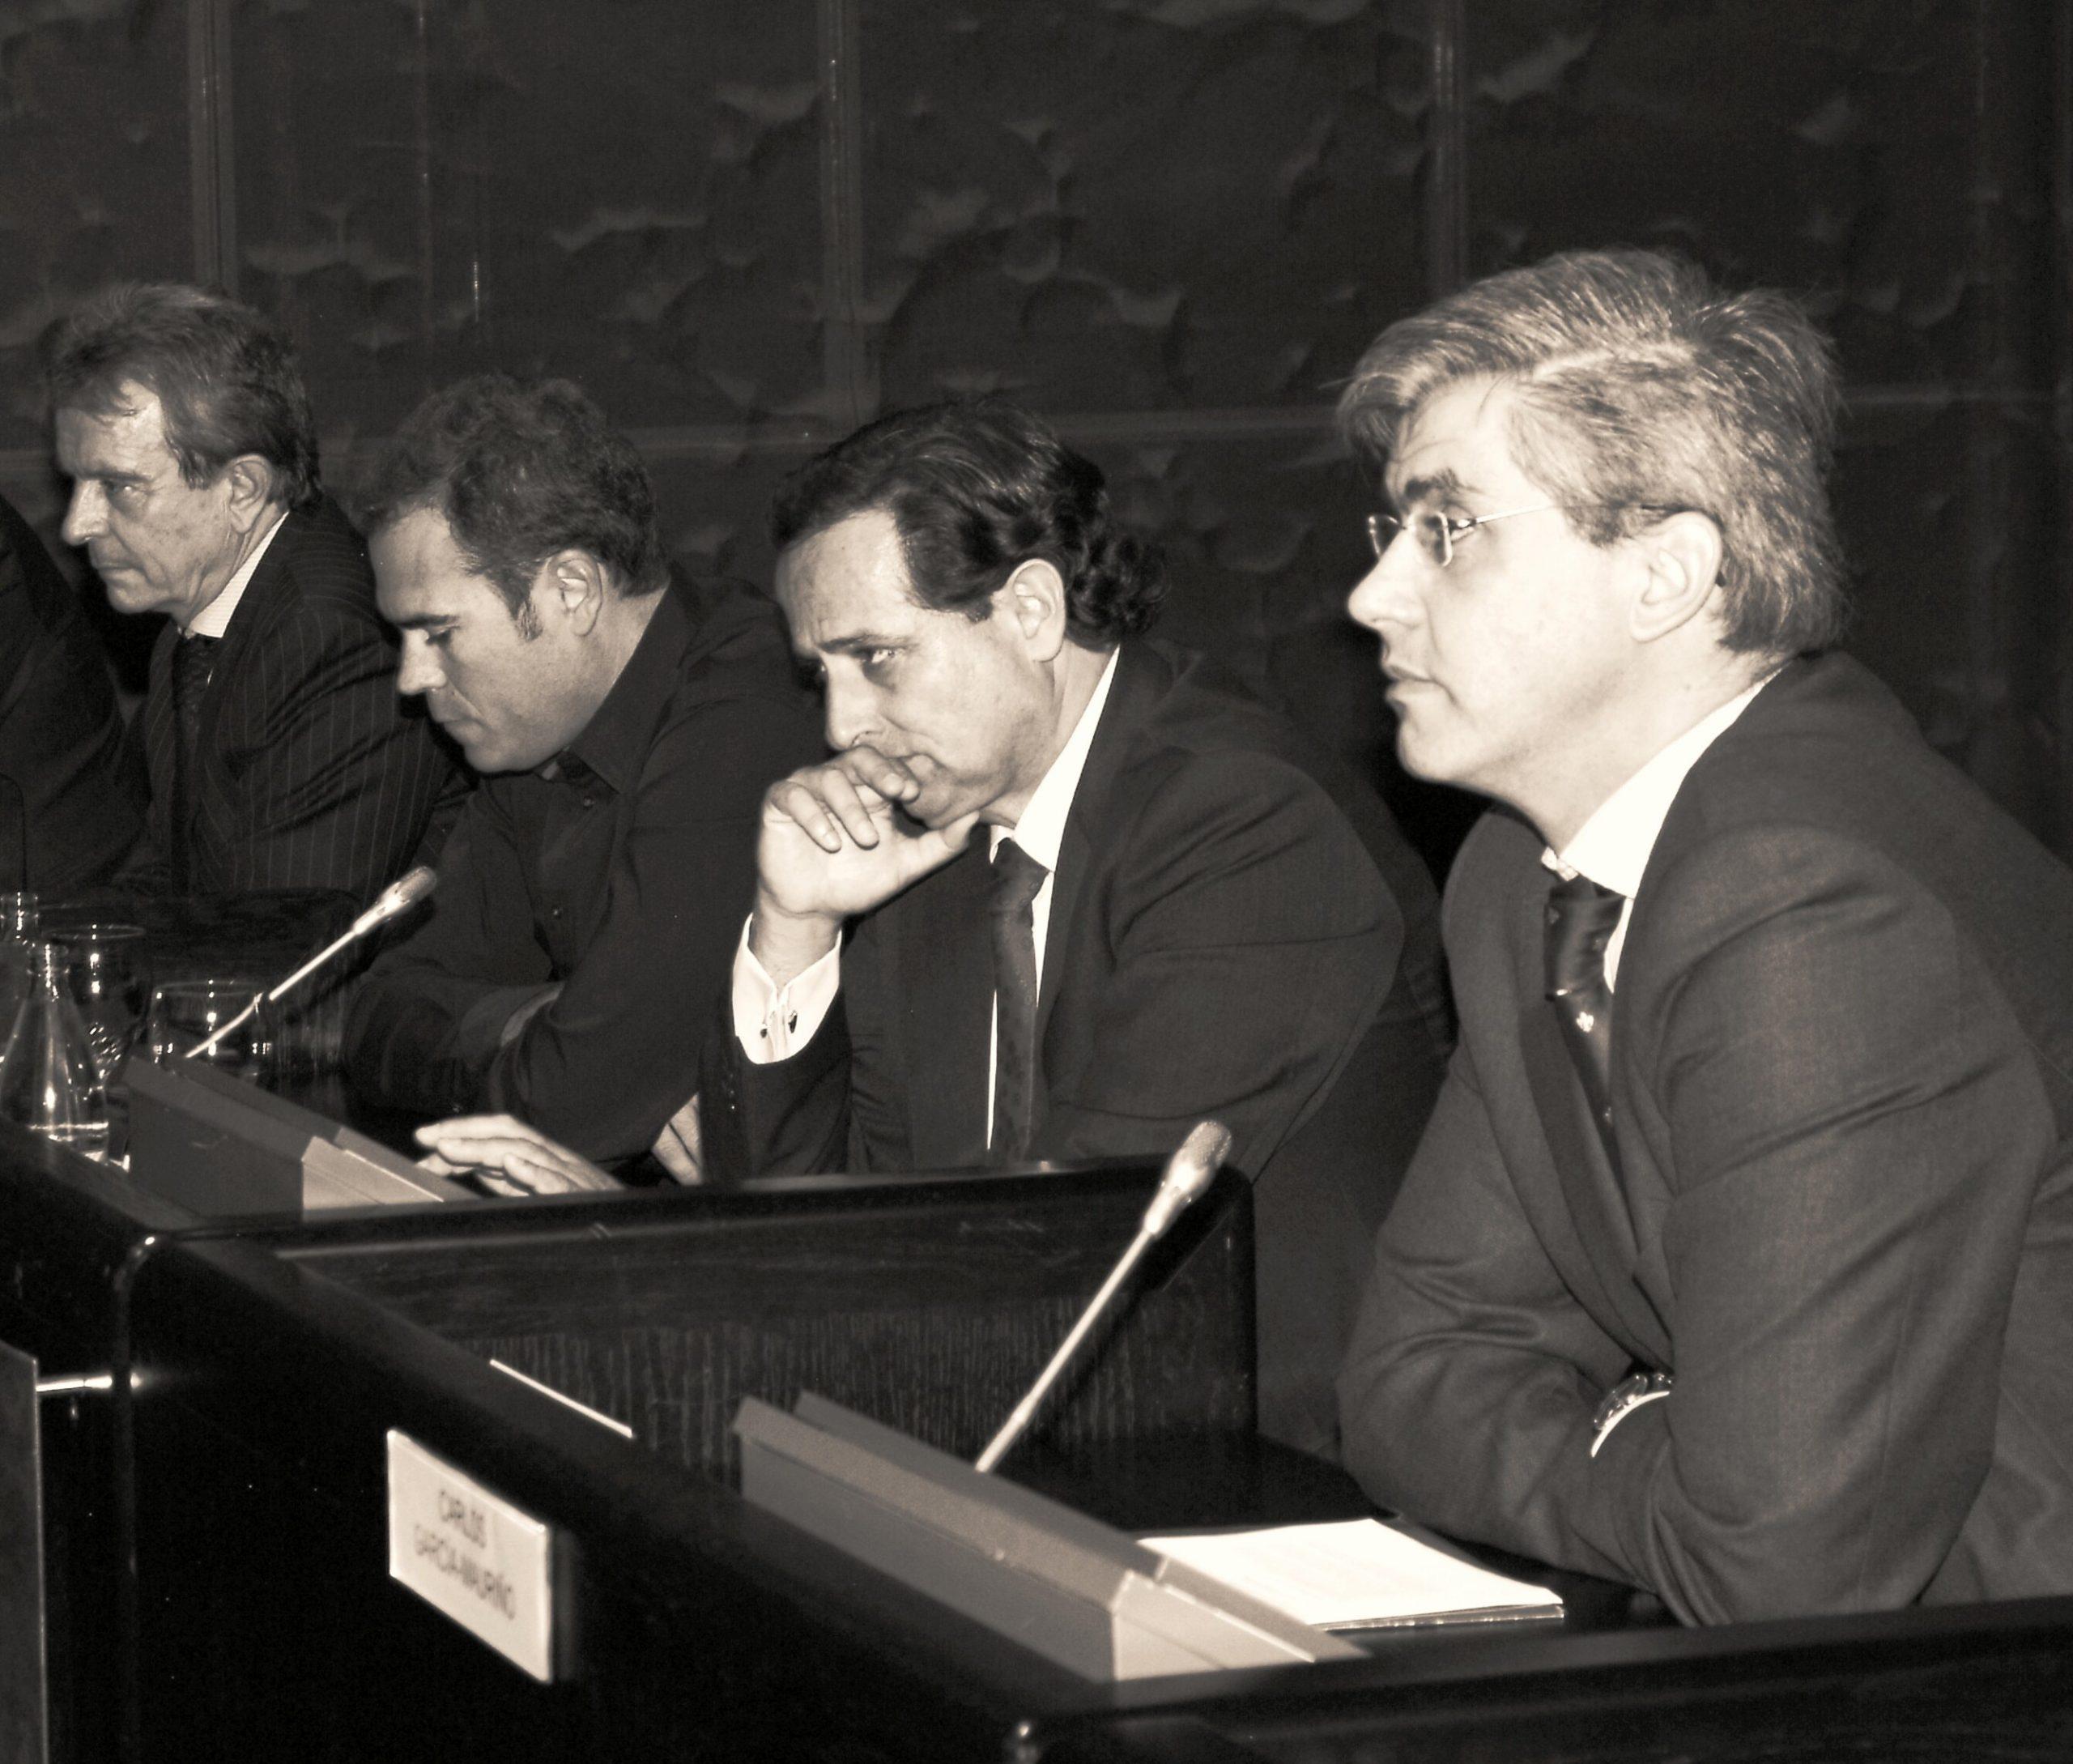 I Congreso de Emprendedores de la Comunidad de Madrid, organizado por Tempo